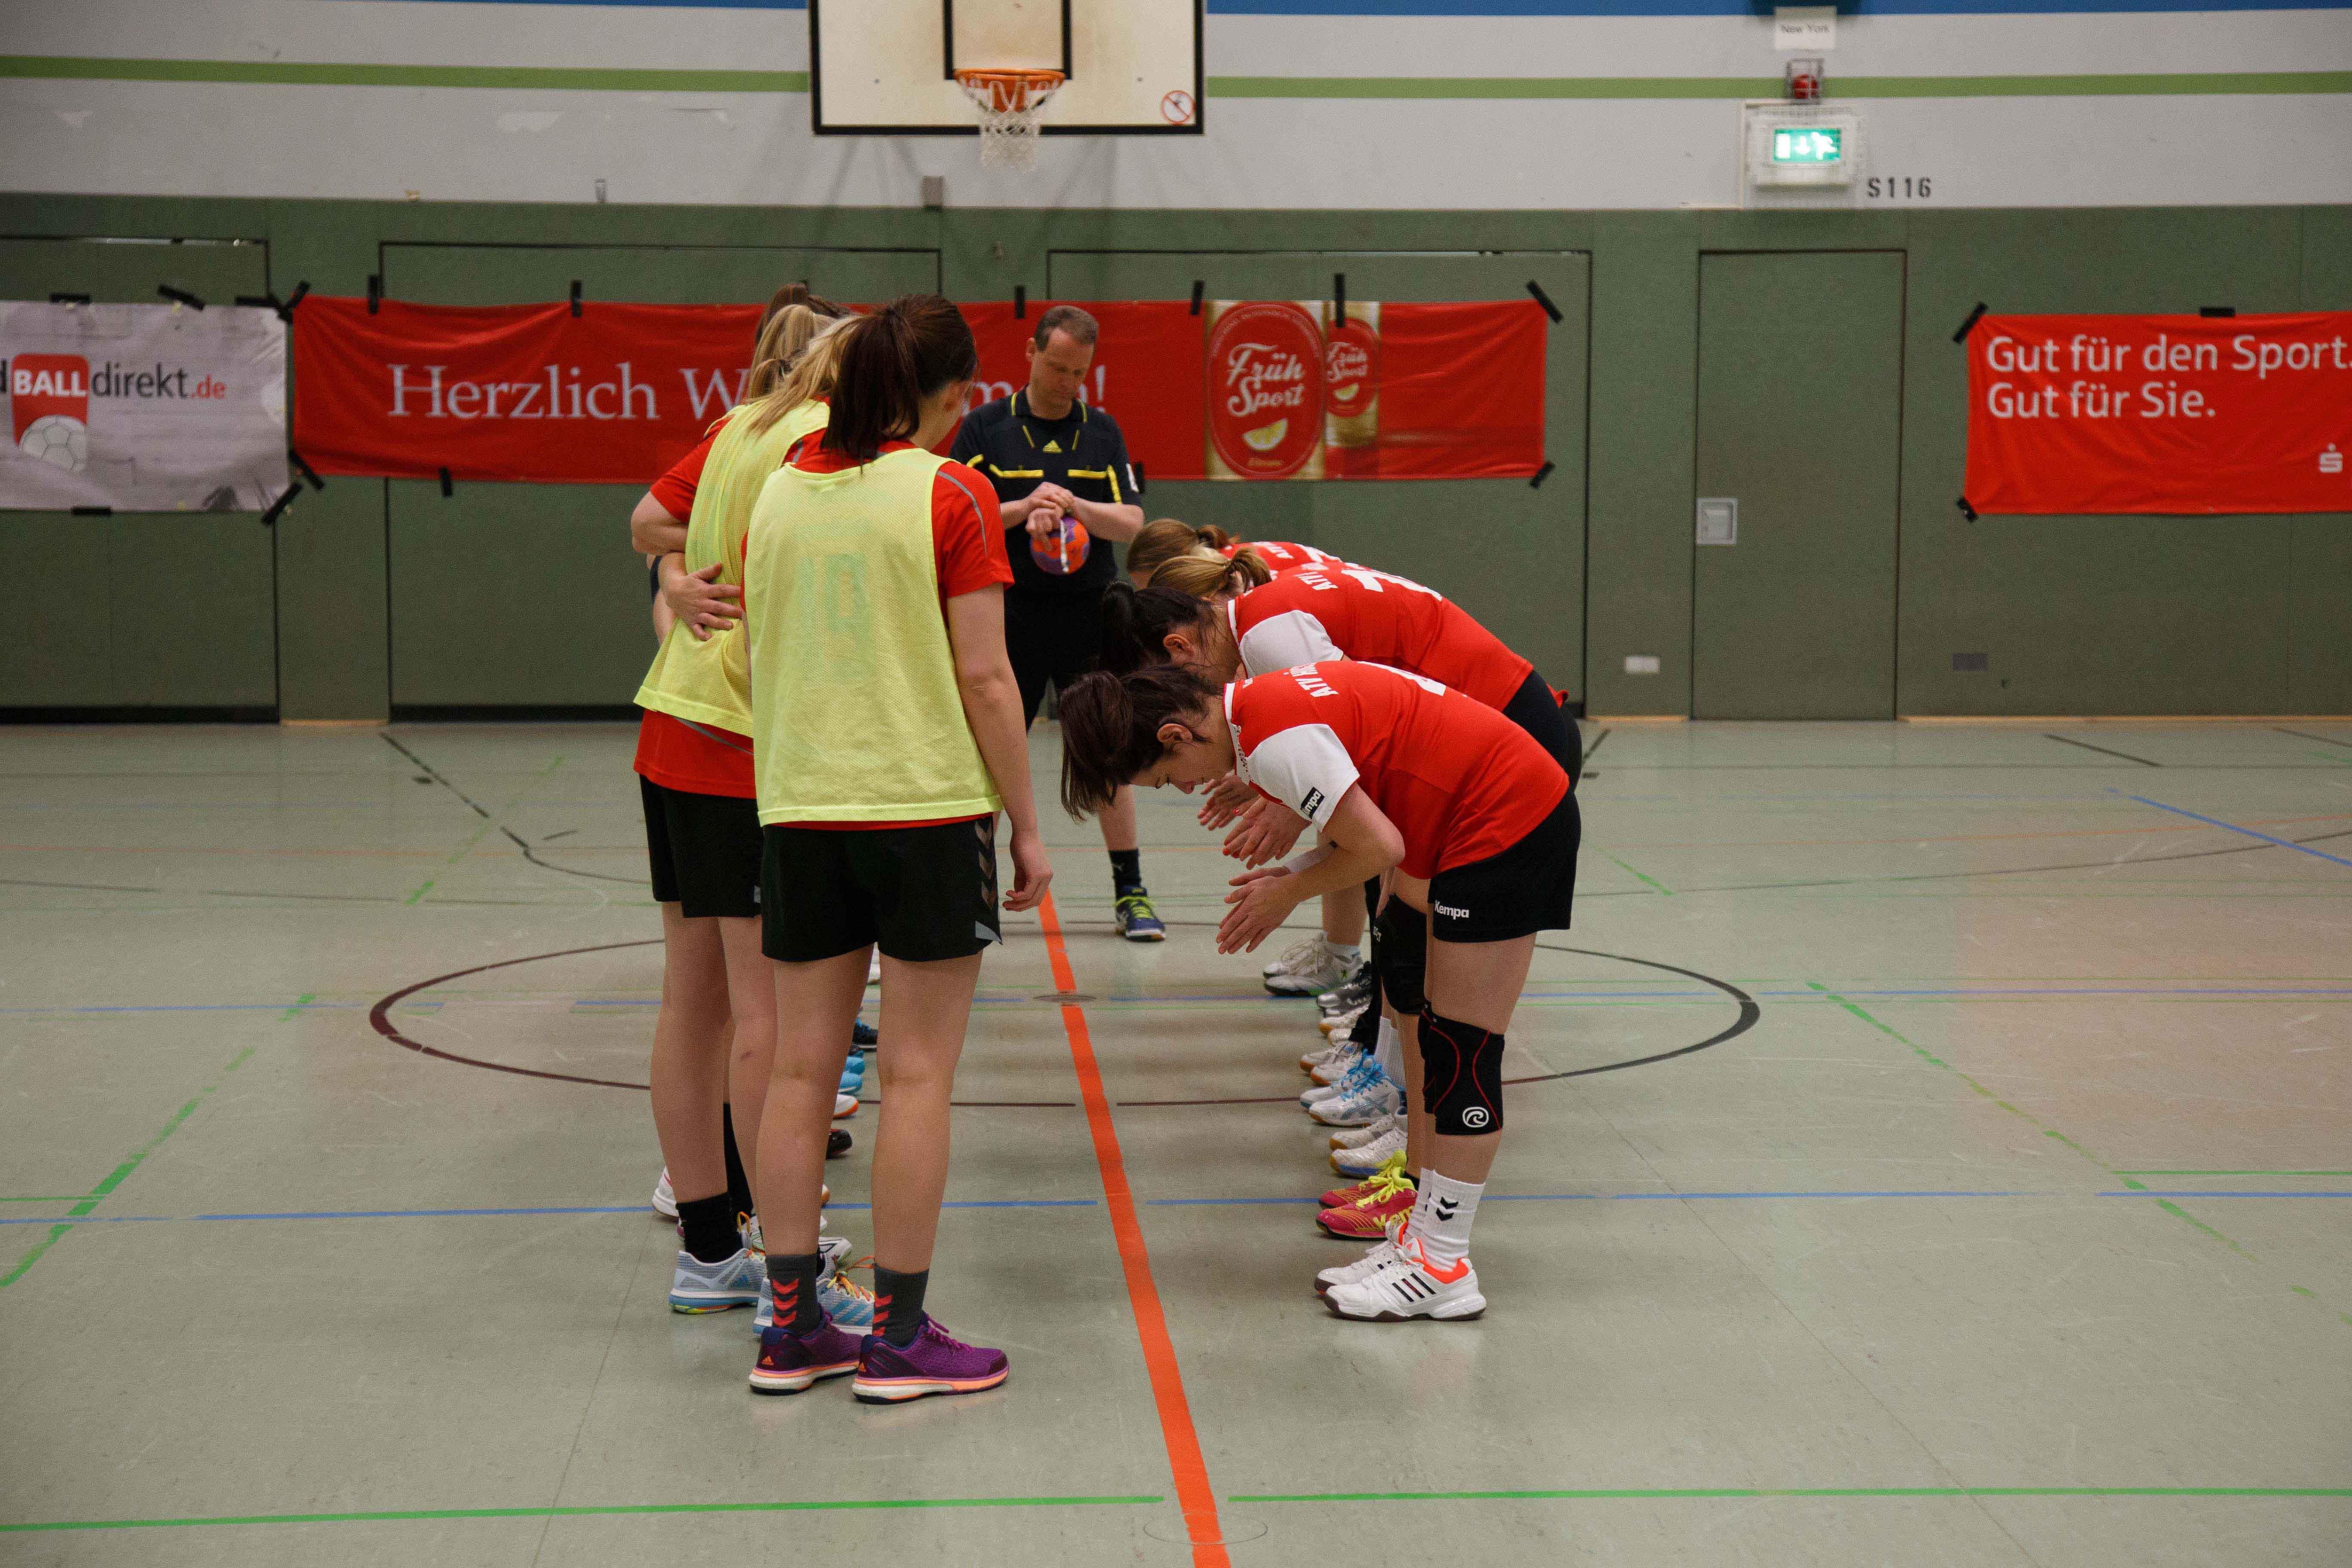 Handball0529